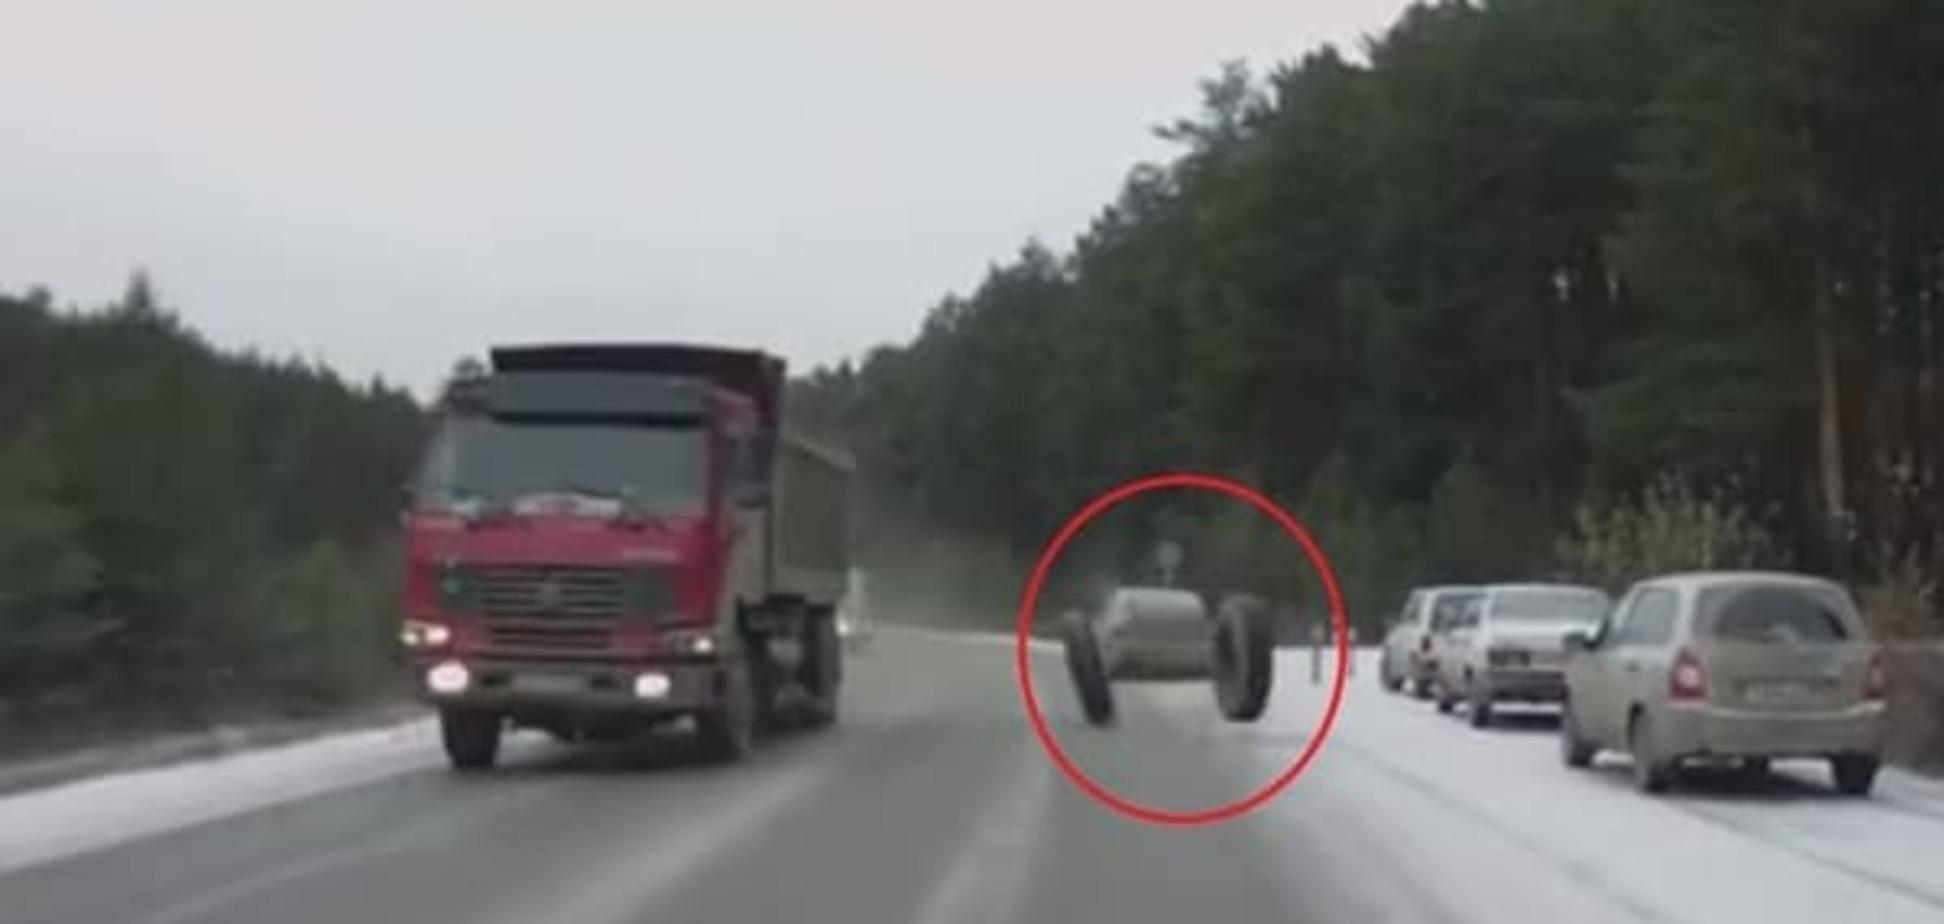 Берегись, на ходу отлетают колеса: видео приключений китайского грузовика в России